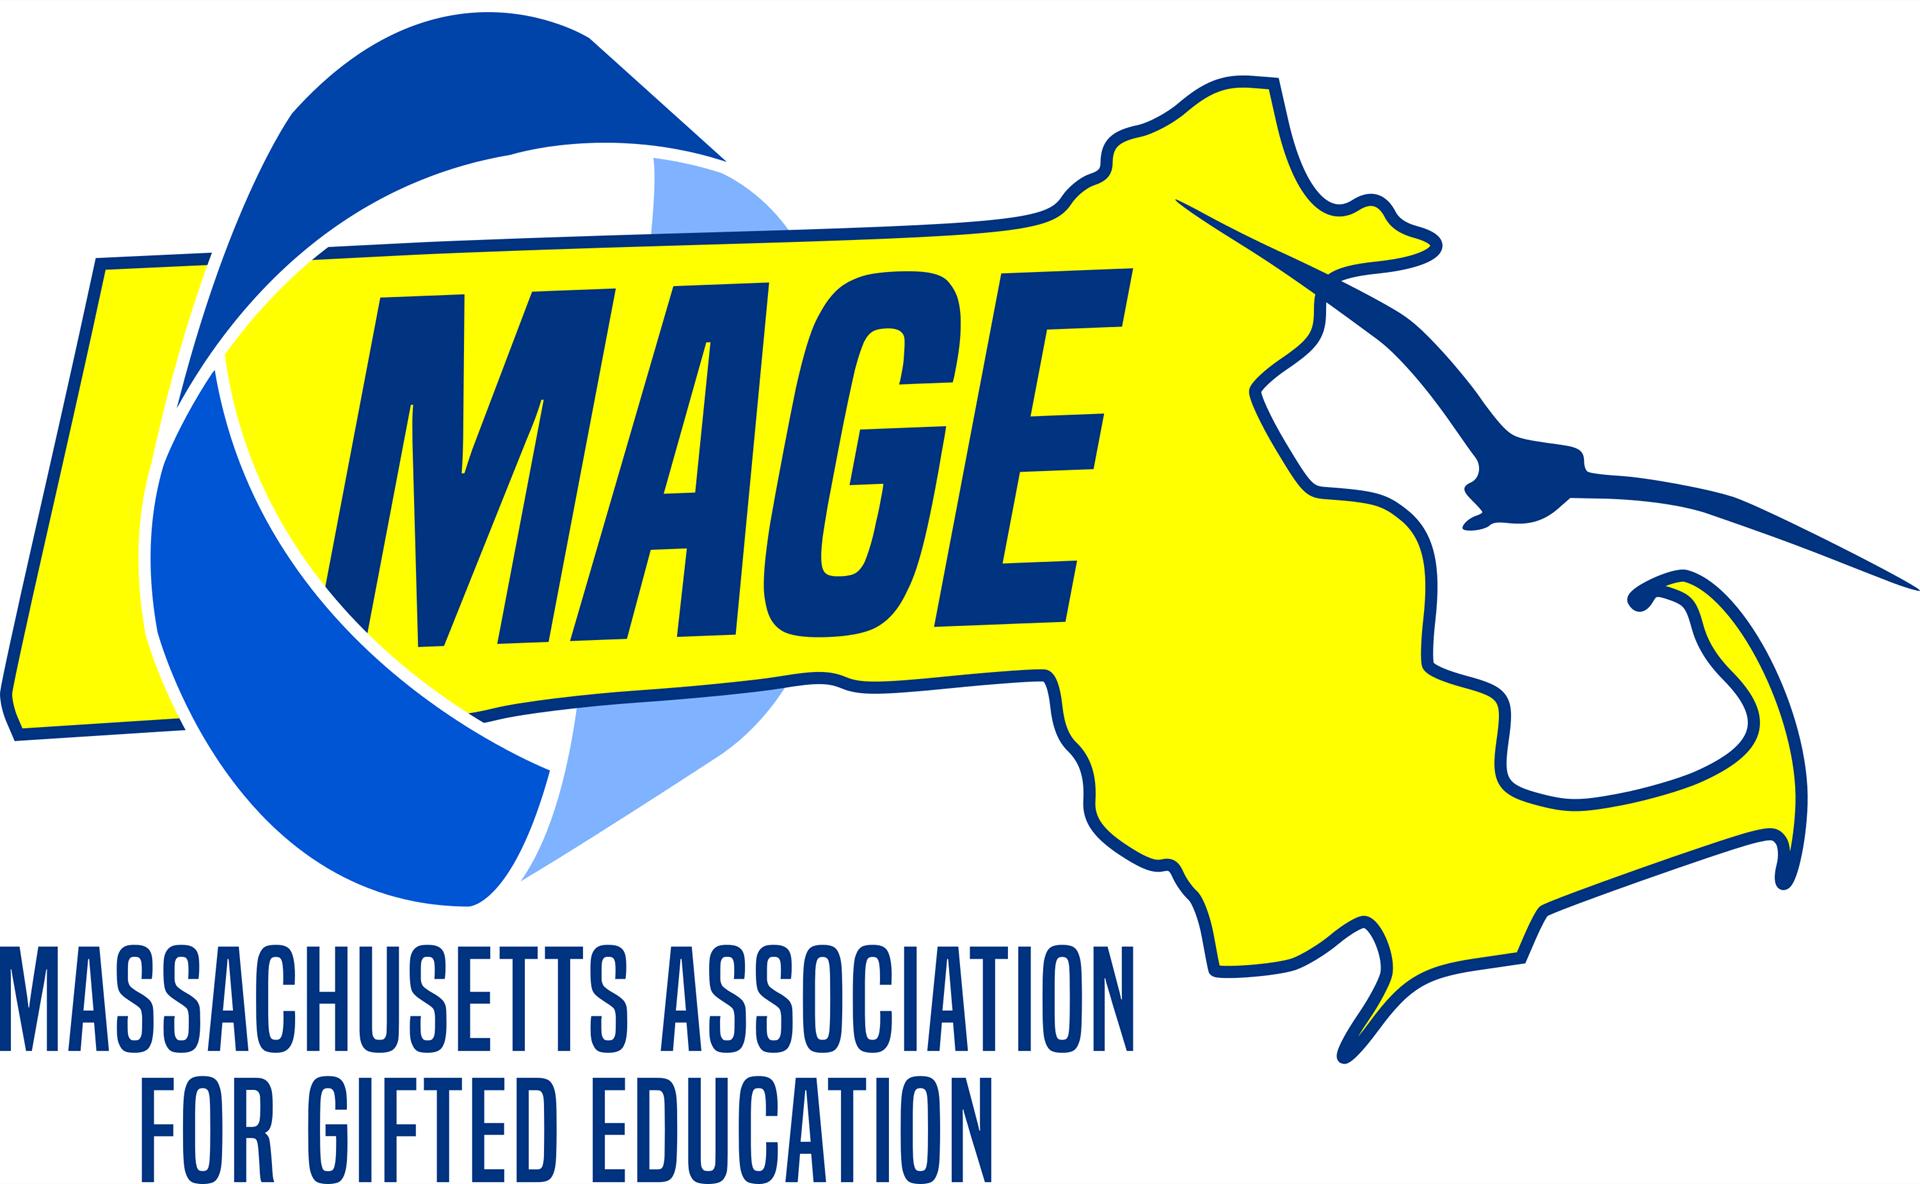 Massachusetts Association For Ted Education